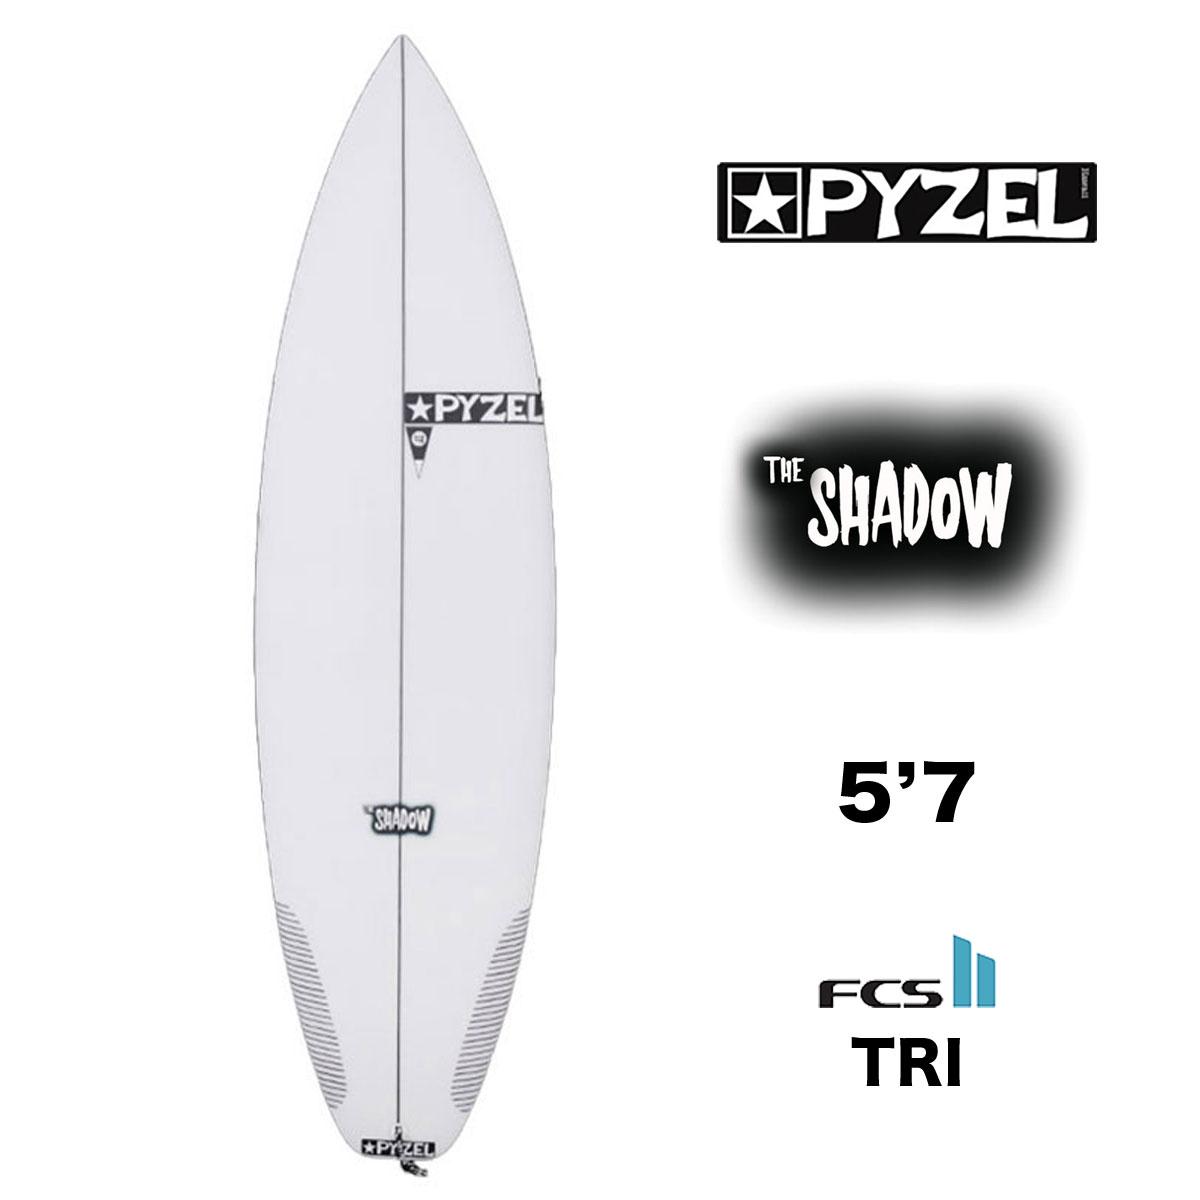 サーフボード パイゼル 数量は多 ショートボード PYZEL SHADOW シャドウ 5.7 ボードセール FCS2 トライフィン サーフィン エフシーエス2 5'7 価格 交渉 送料無料 500480